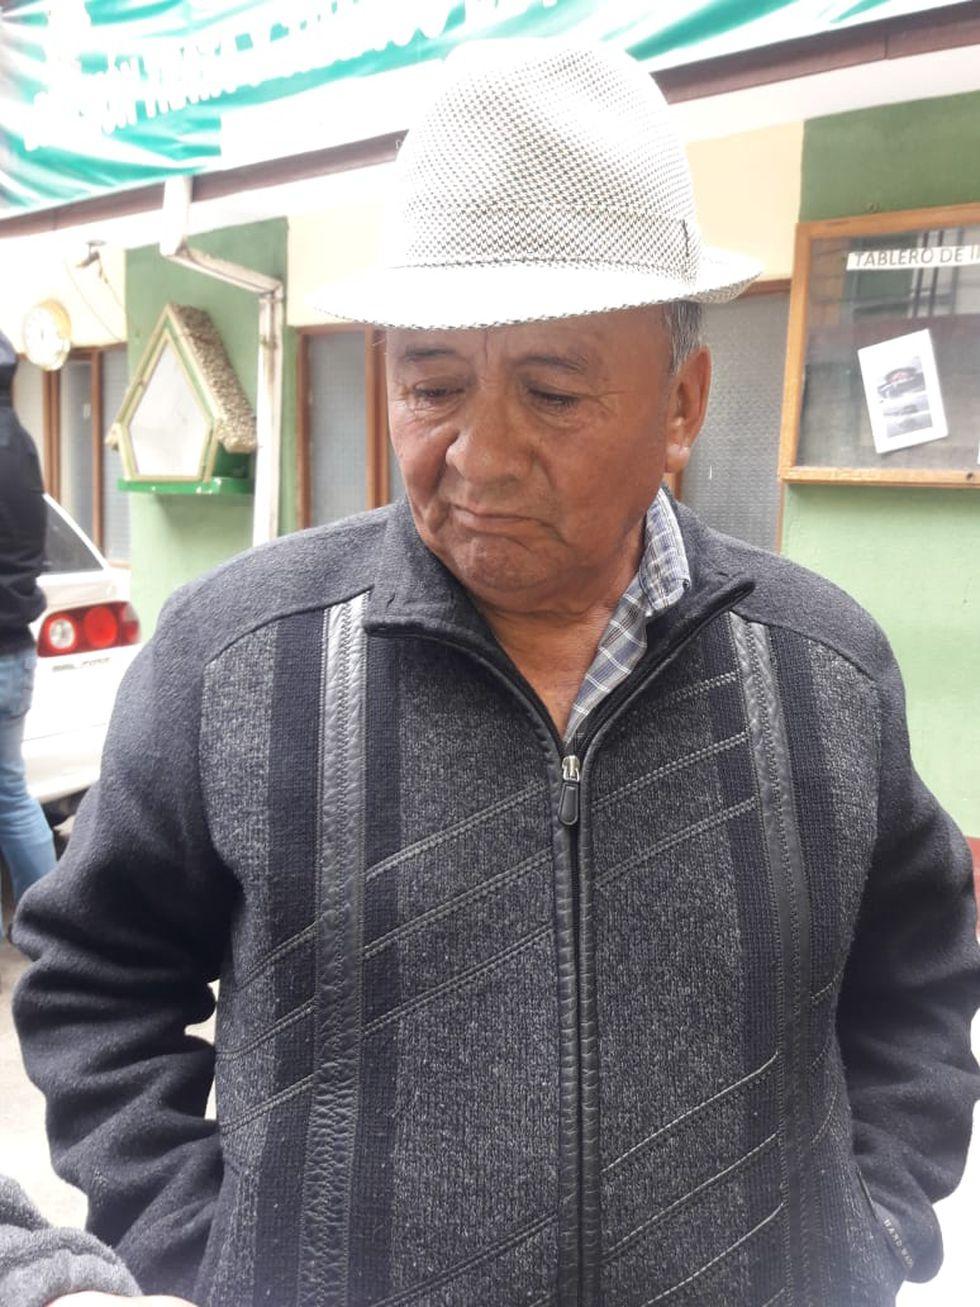 Domingo Rojas, padre del joven que huyó con el dinero. (Foto: Erbol)